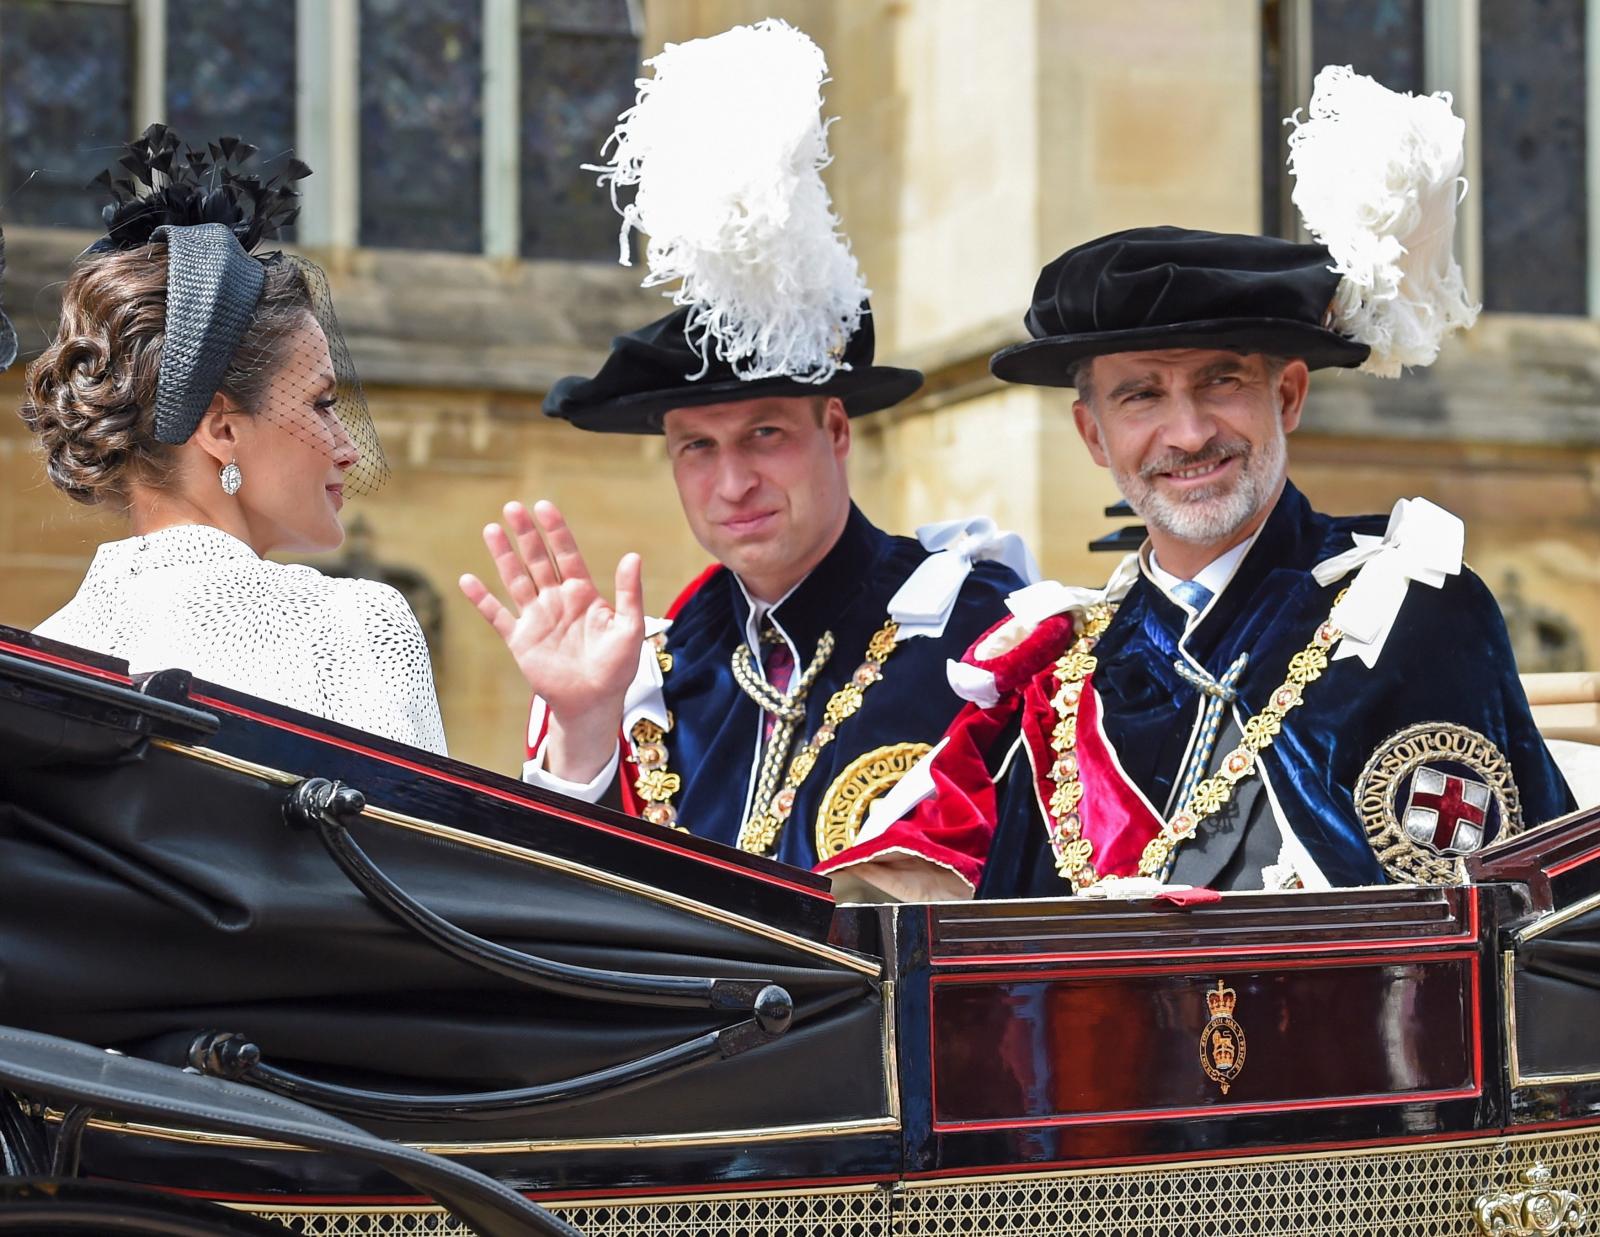 Król Hiszpanii Felipe VI (R) wraz z żoną królową Letizią (L) obok księcia Williama, księcia Cambridge. Fot. EPA/GUSTAVO VALIENTE